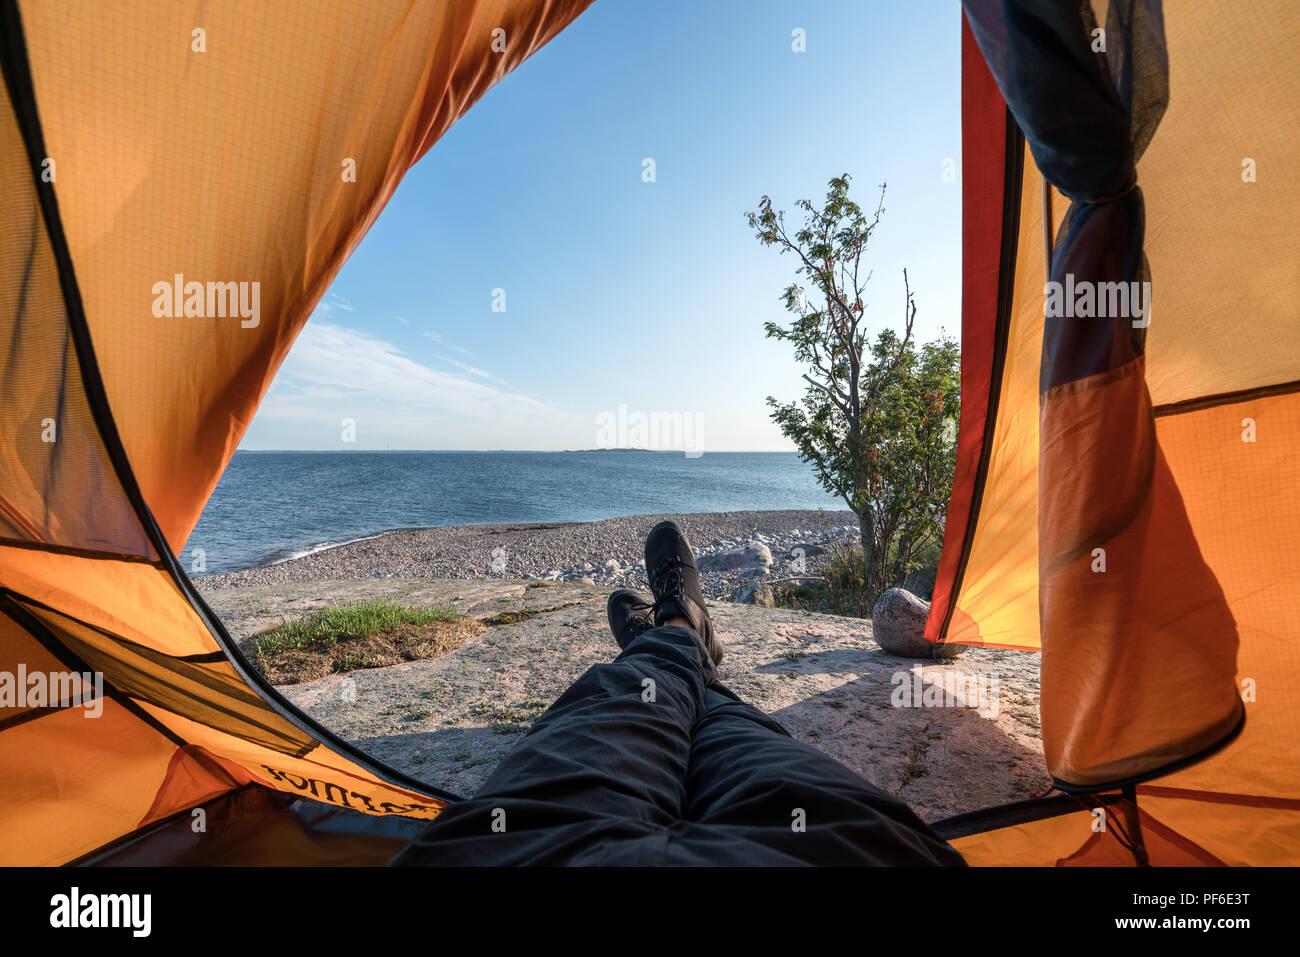 Entspannen und genießen die Aussicht auf die Insel Örskär, Kirkkonummi, Finnland, Europa, EU Stockbild